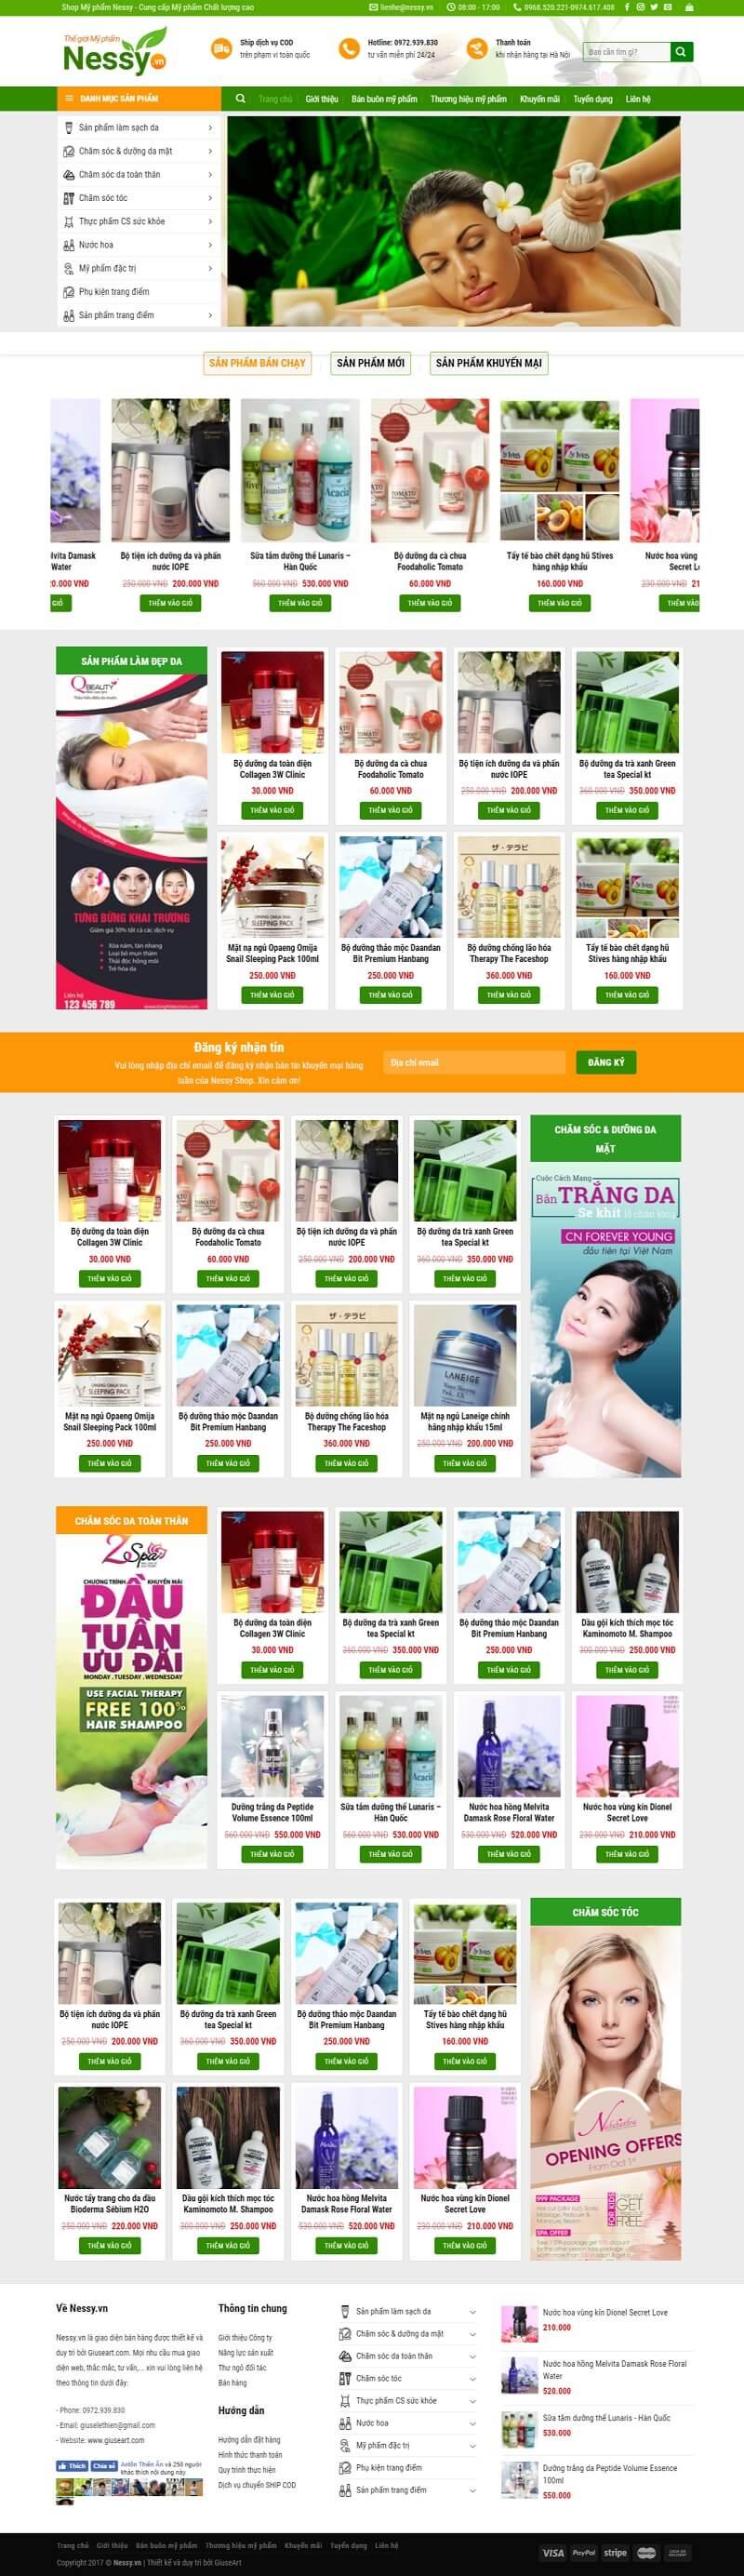 Demo website bán Mỹ phẩm của Giuseart.com – Thiết kế website chuẩn SEO, chuyên nghiệp – uy tín (1)